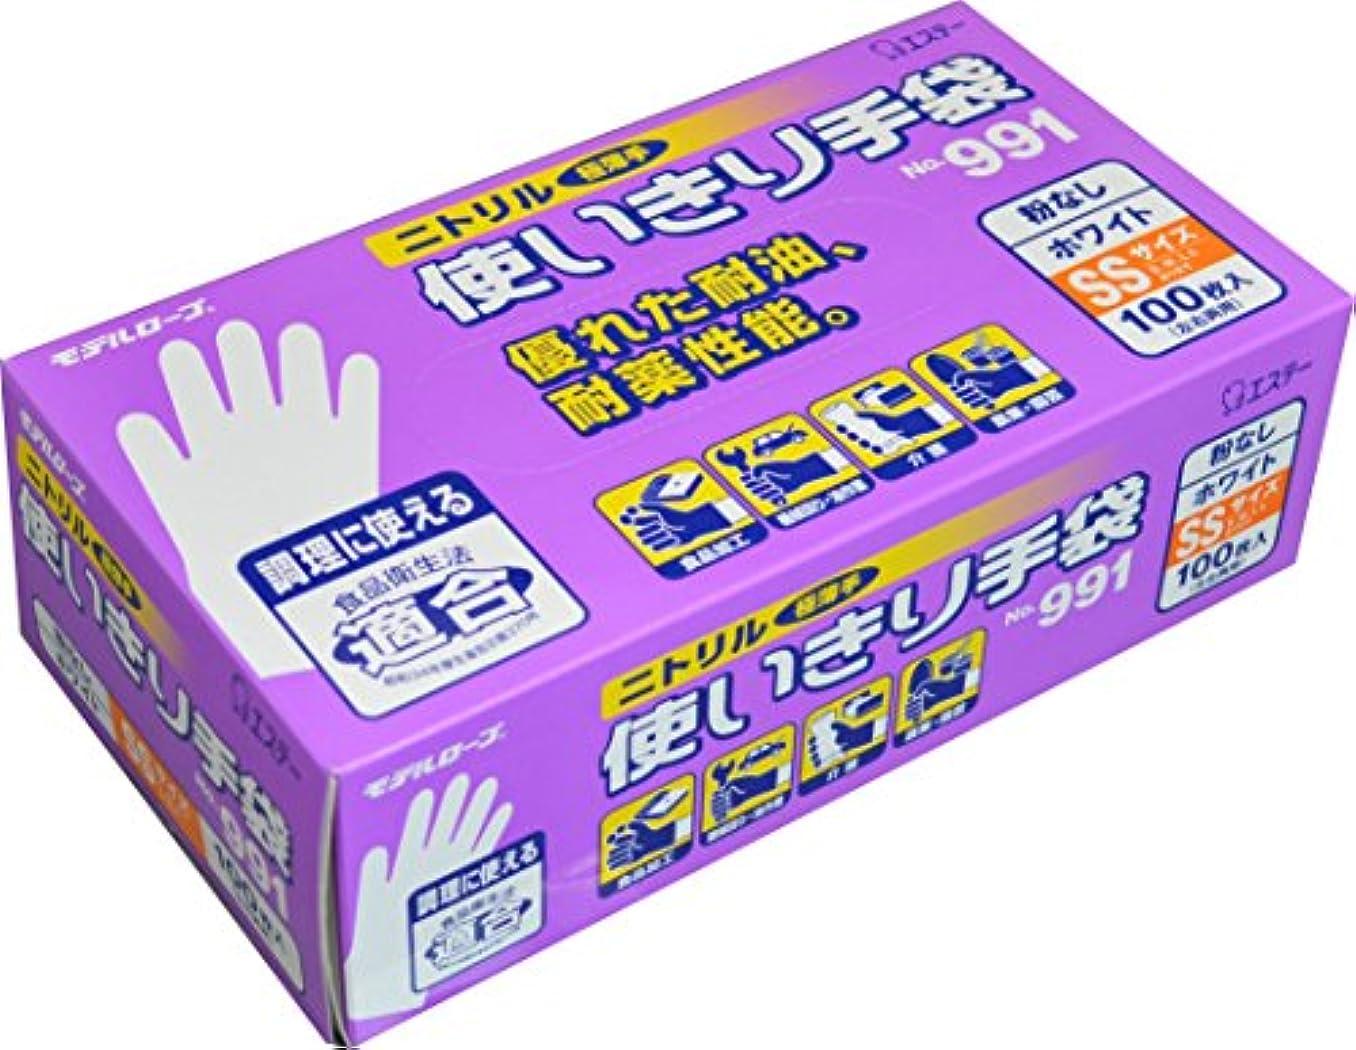 否認するチャレンジ比喩モデルローブ NO991 ニトリル使い切り手袋 100枚 ホワイト SS